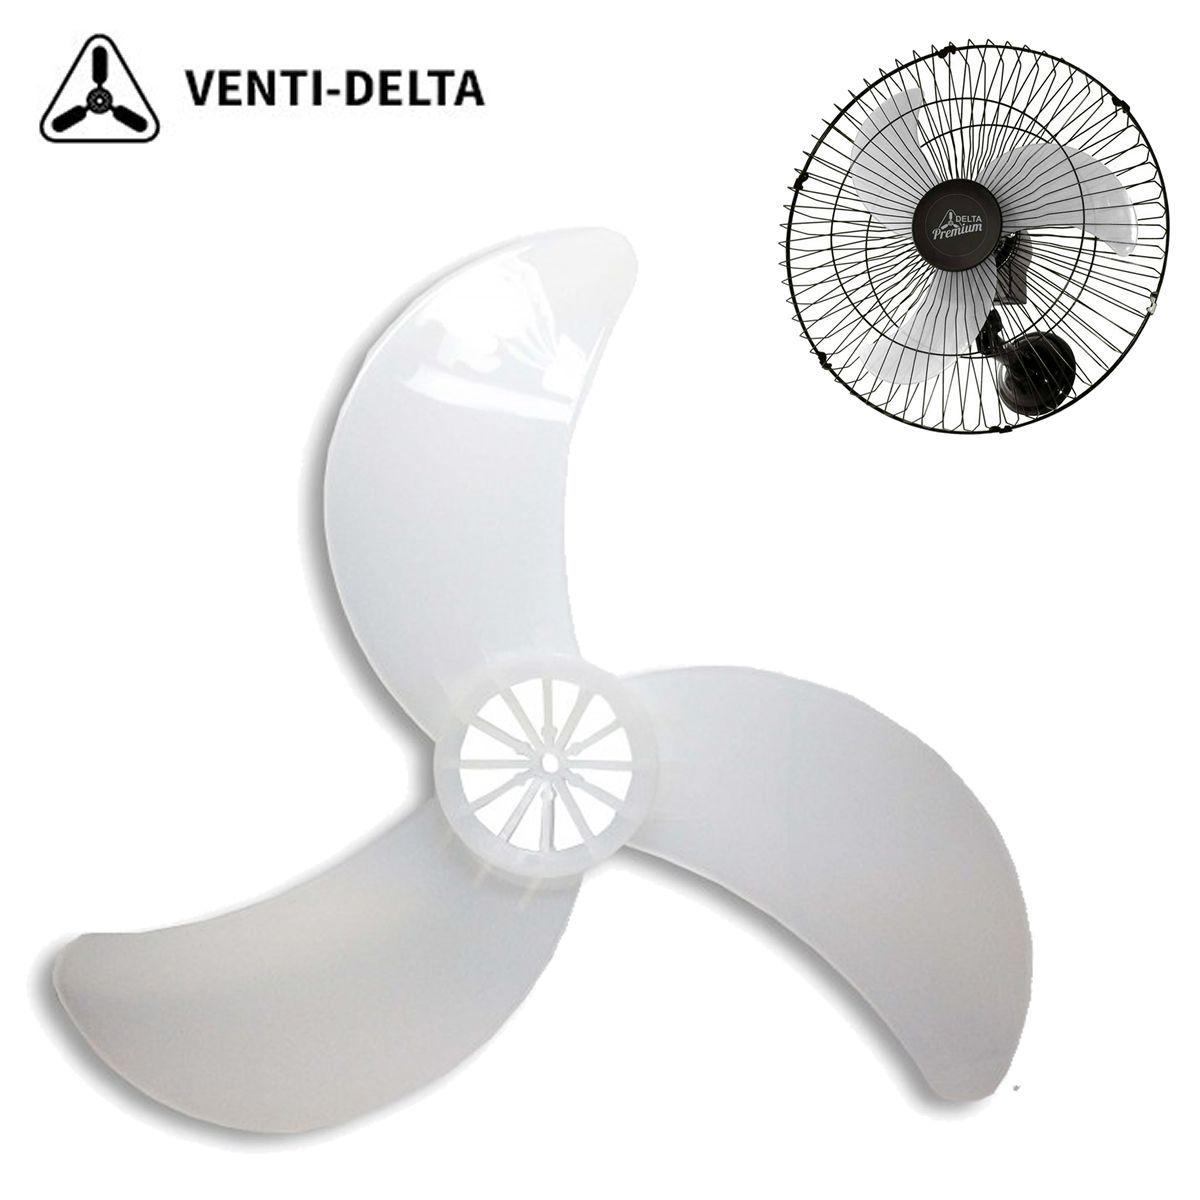 Helice Ventilador Venti-delta 60cm Premium Novo